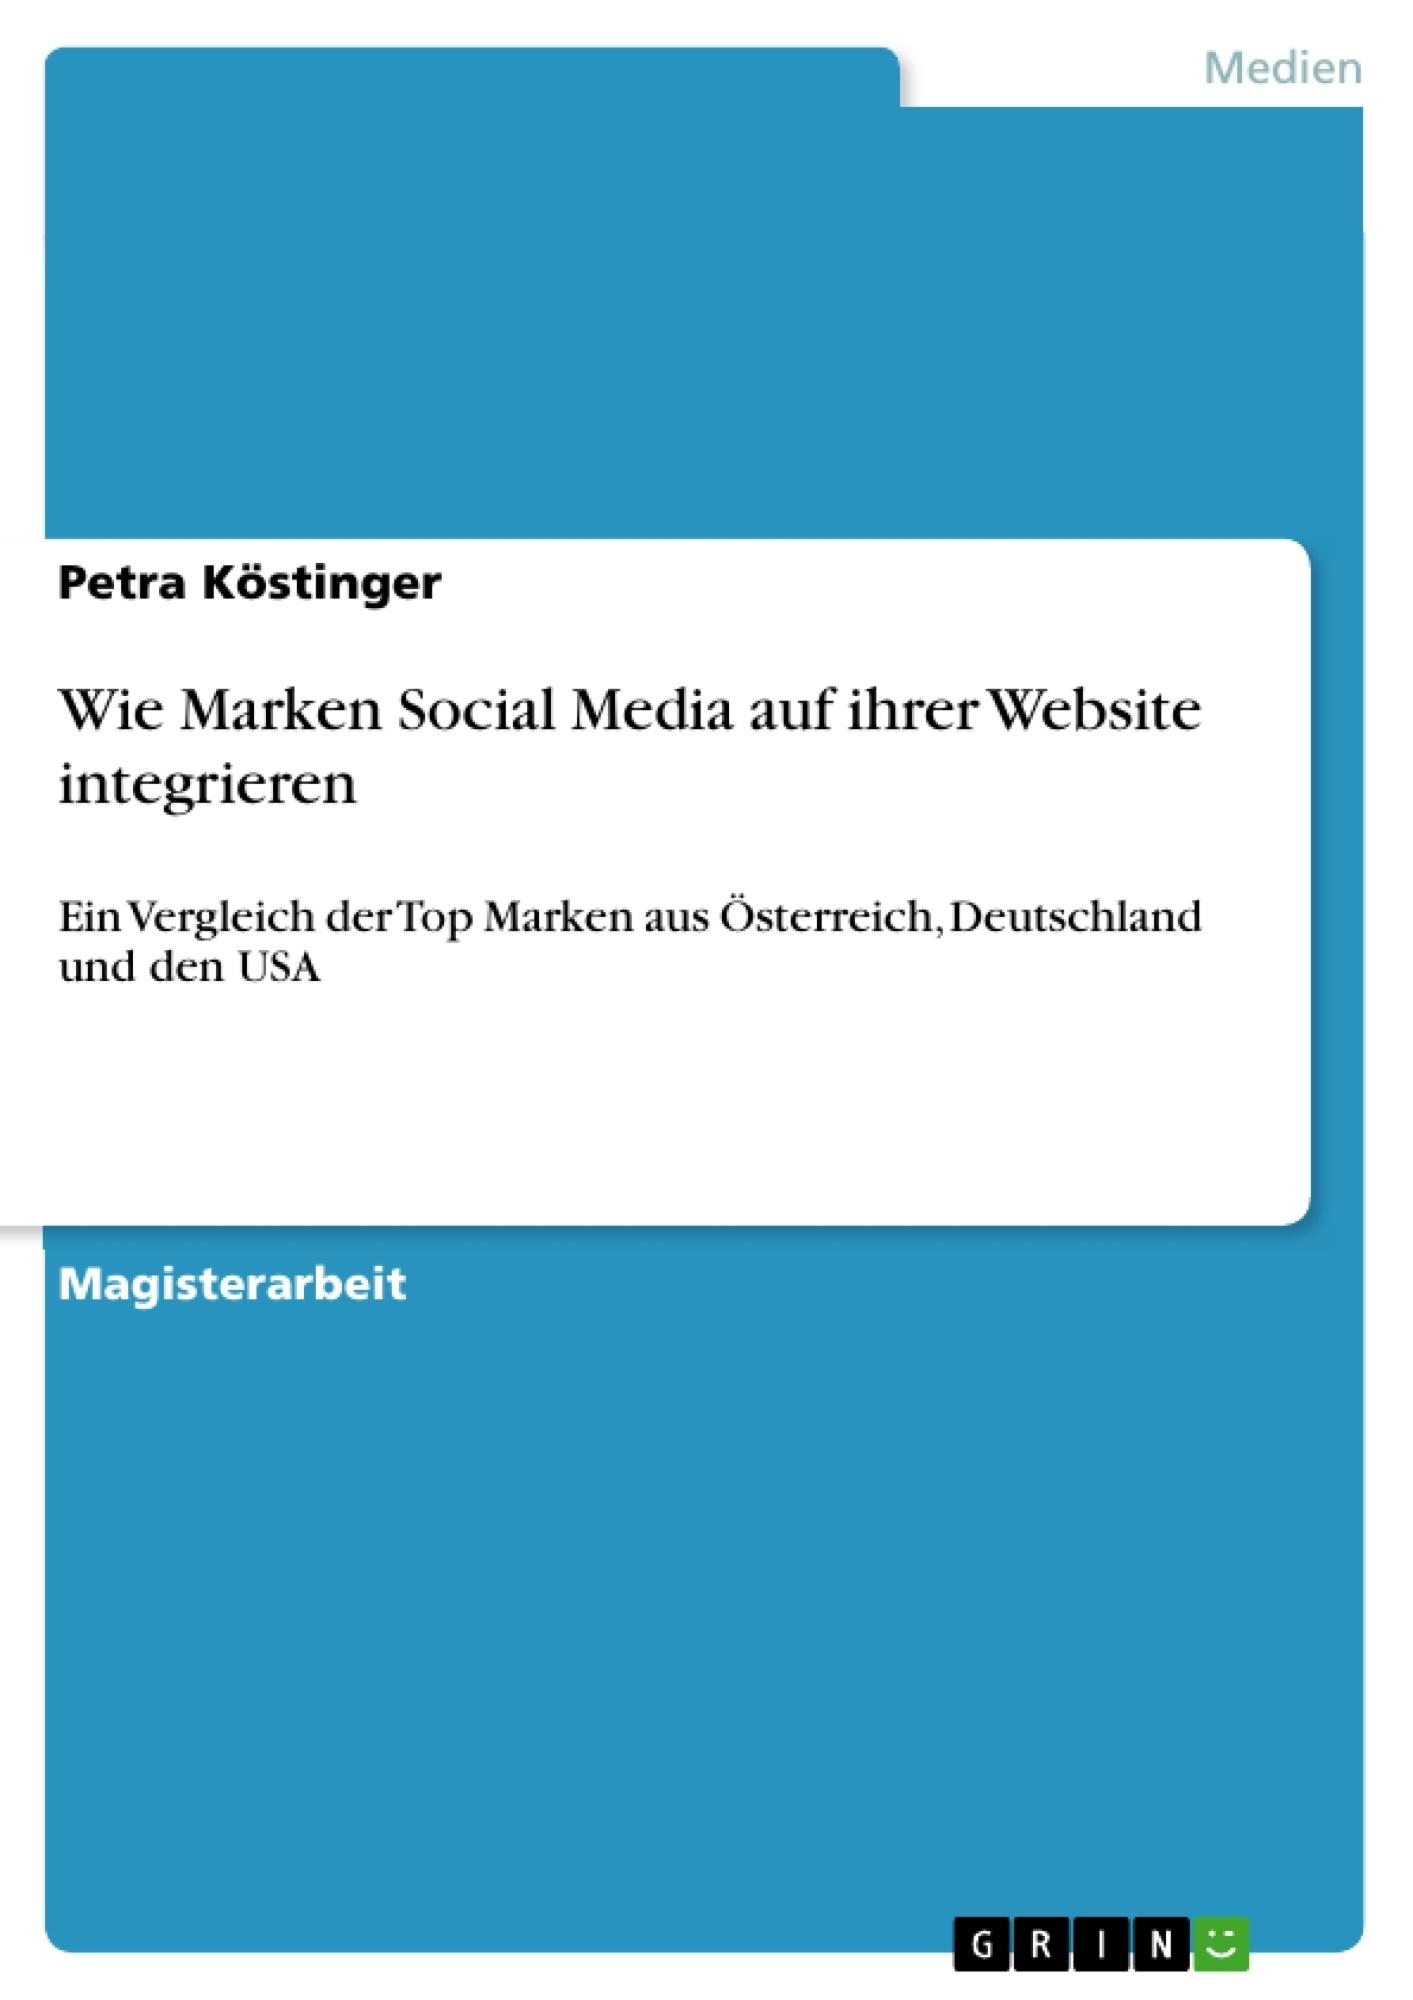 Titel: Wie Marken Social Media auf ihrer Website integrieren